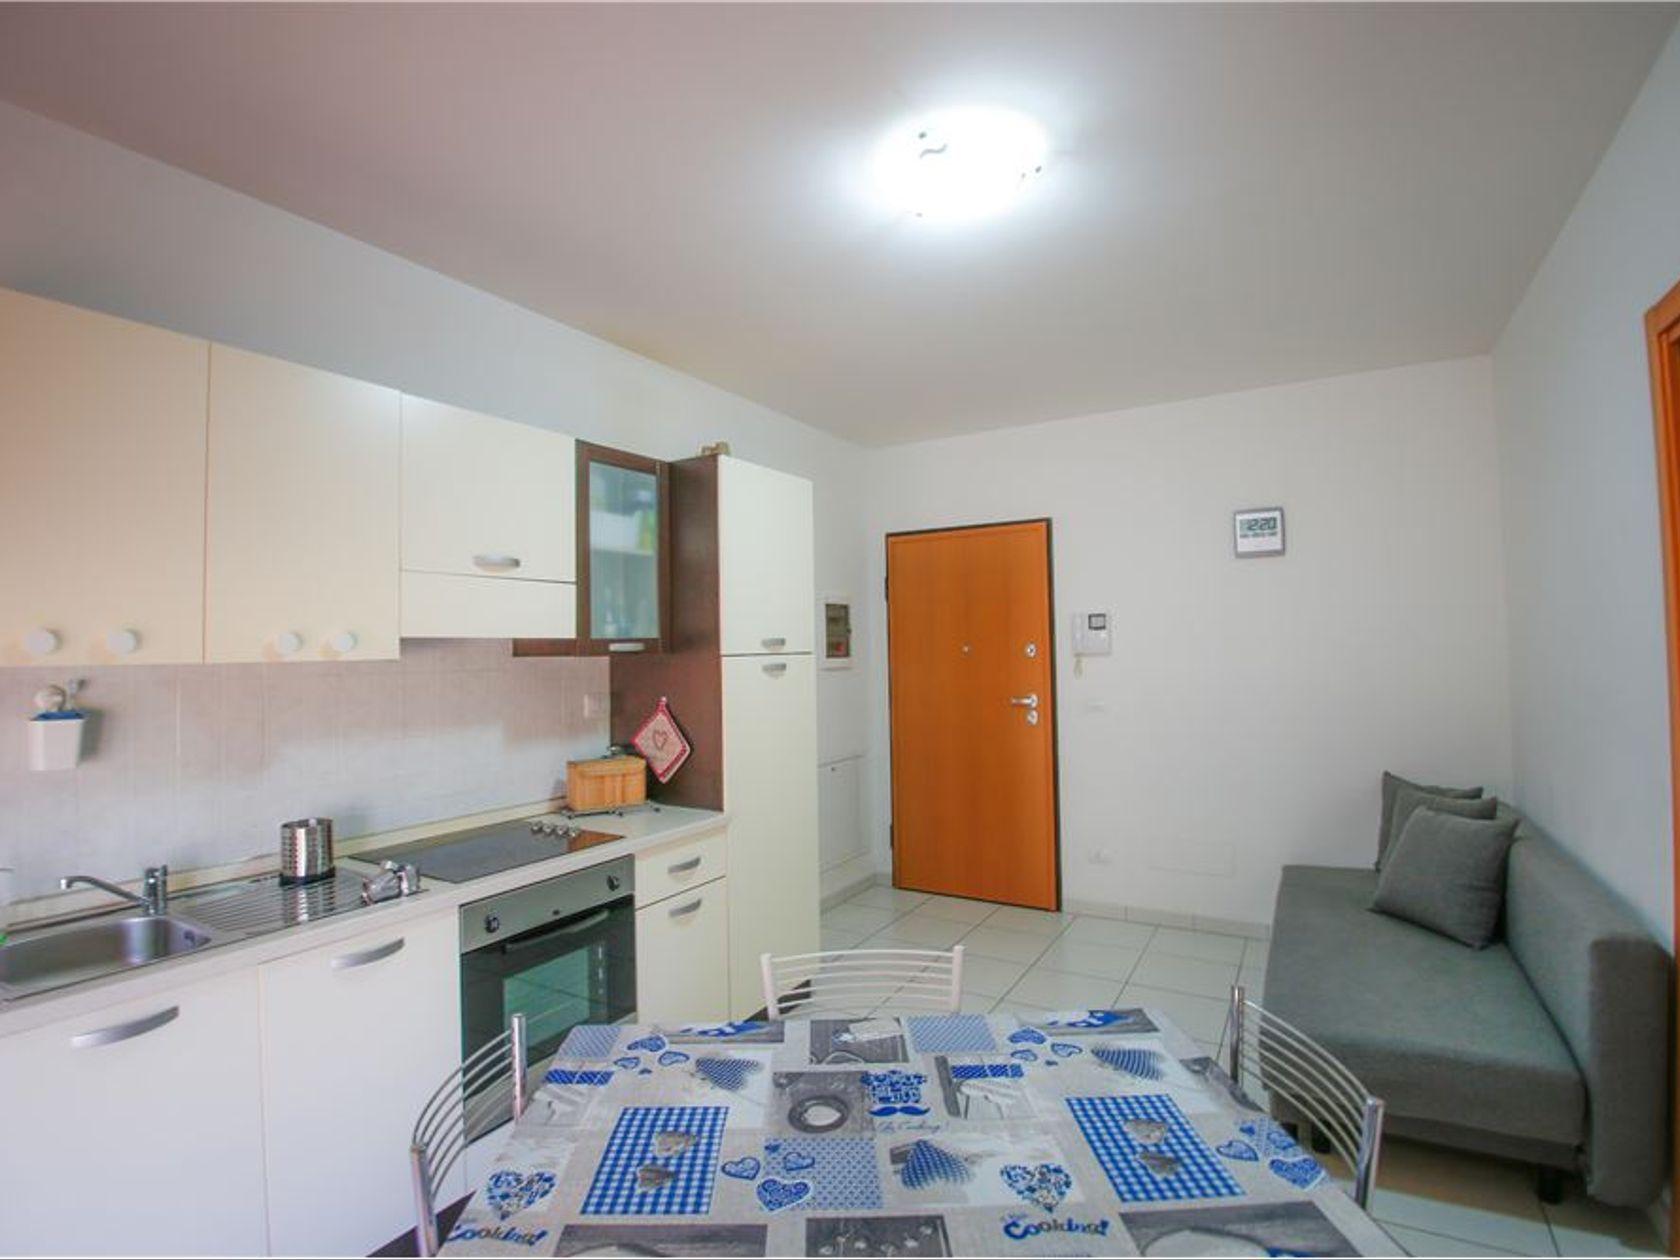 Appartamento Stazione, Chieti, CH Vendita - Foto 5